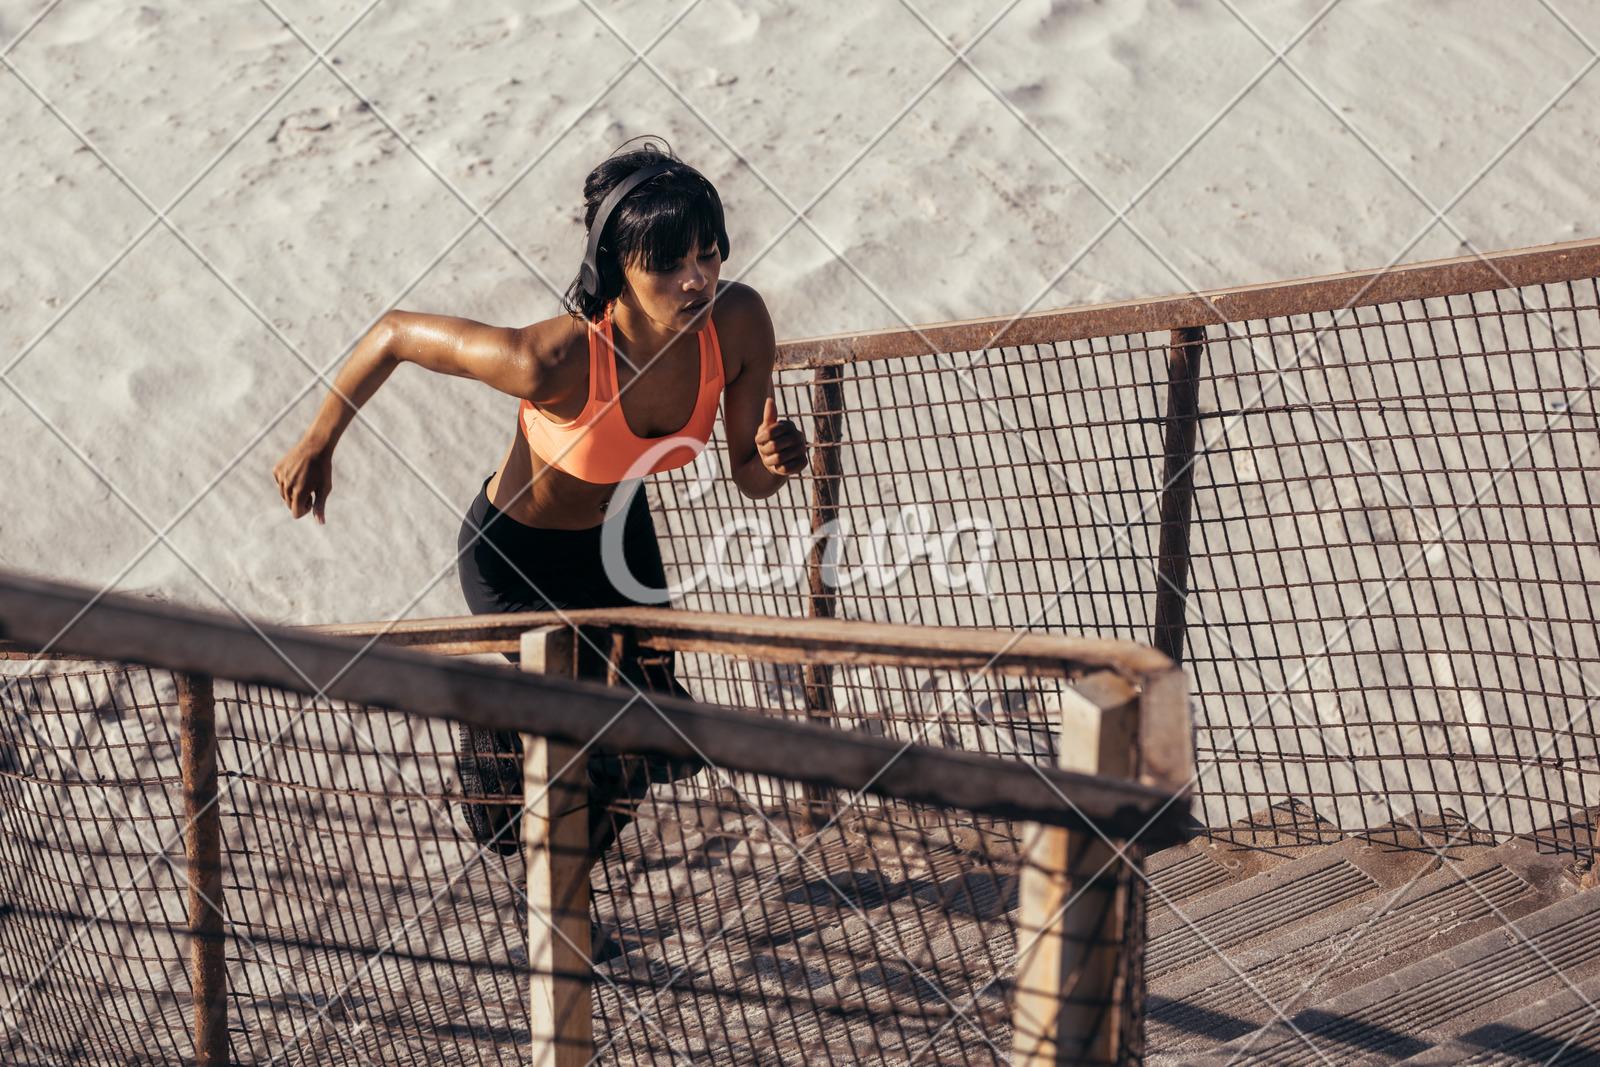 runner climbing steps on